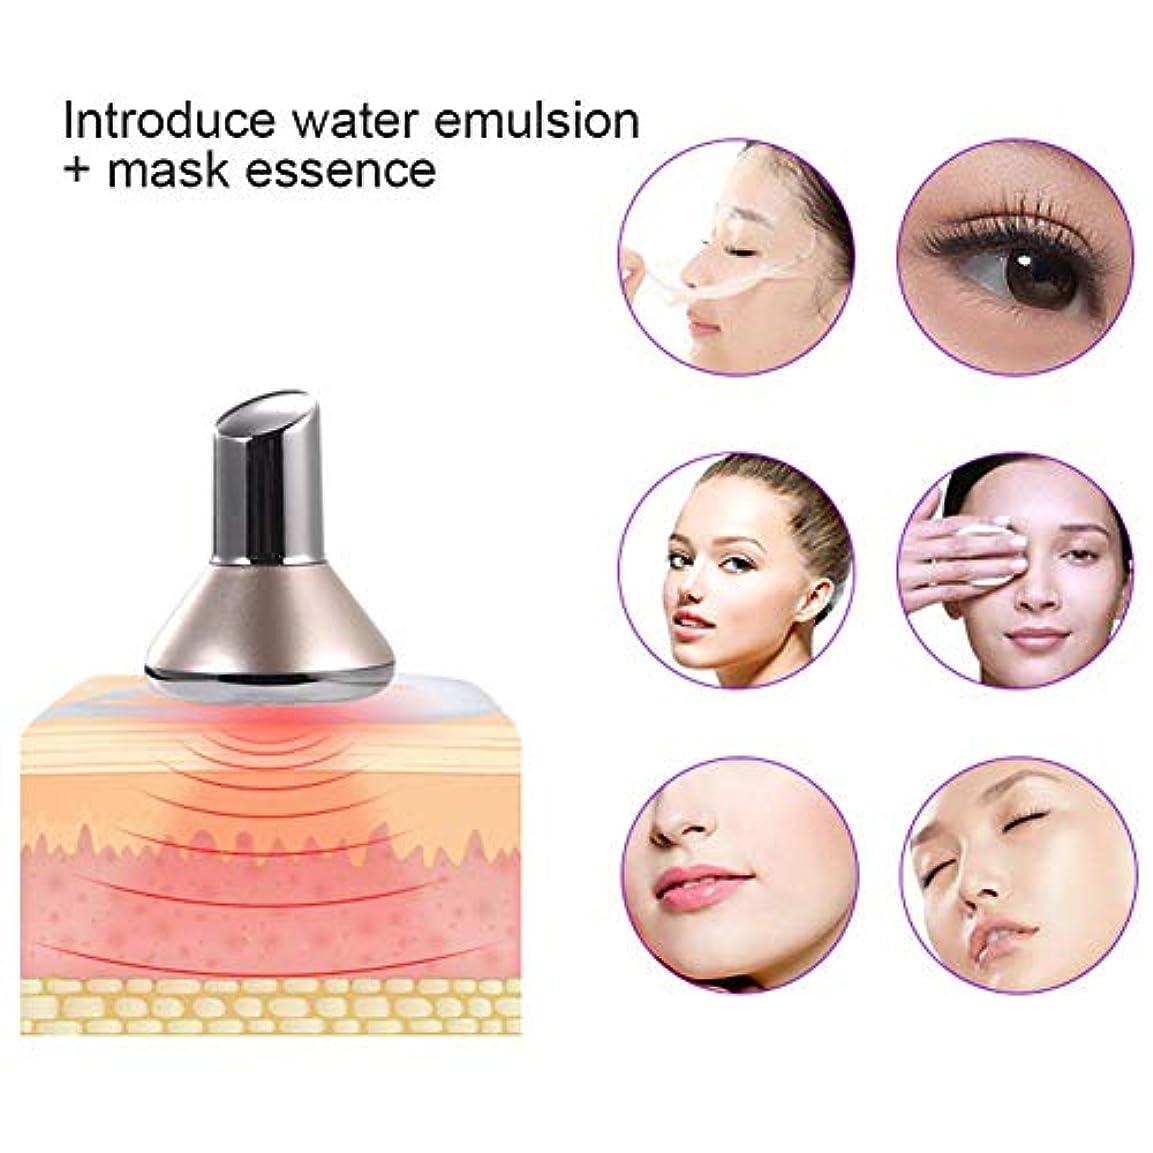 口頭信頼できるファイナンスポータブルマイクロバイブレーション磁気療法美容器具、吸収磁気フェイシャルマッサージャー美容スキンケア,金